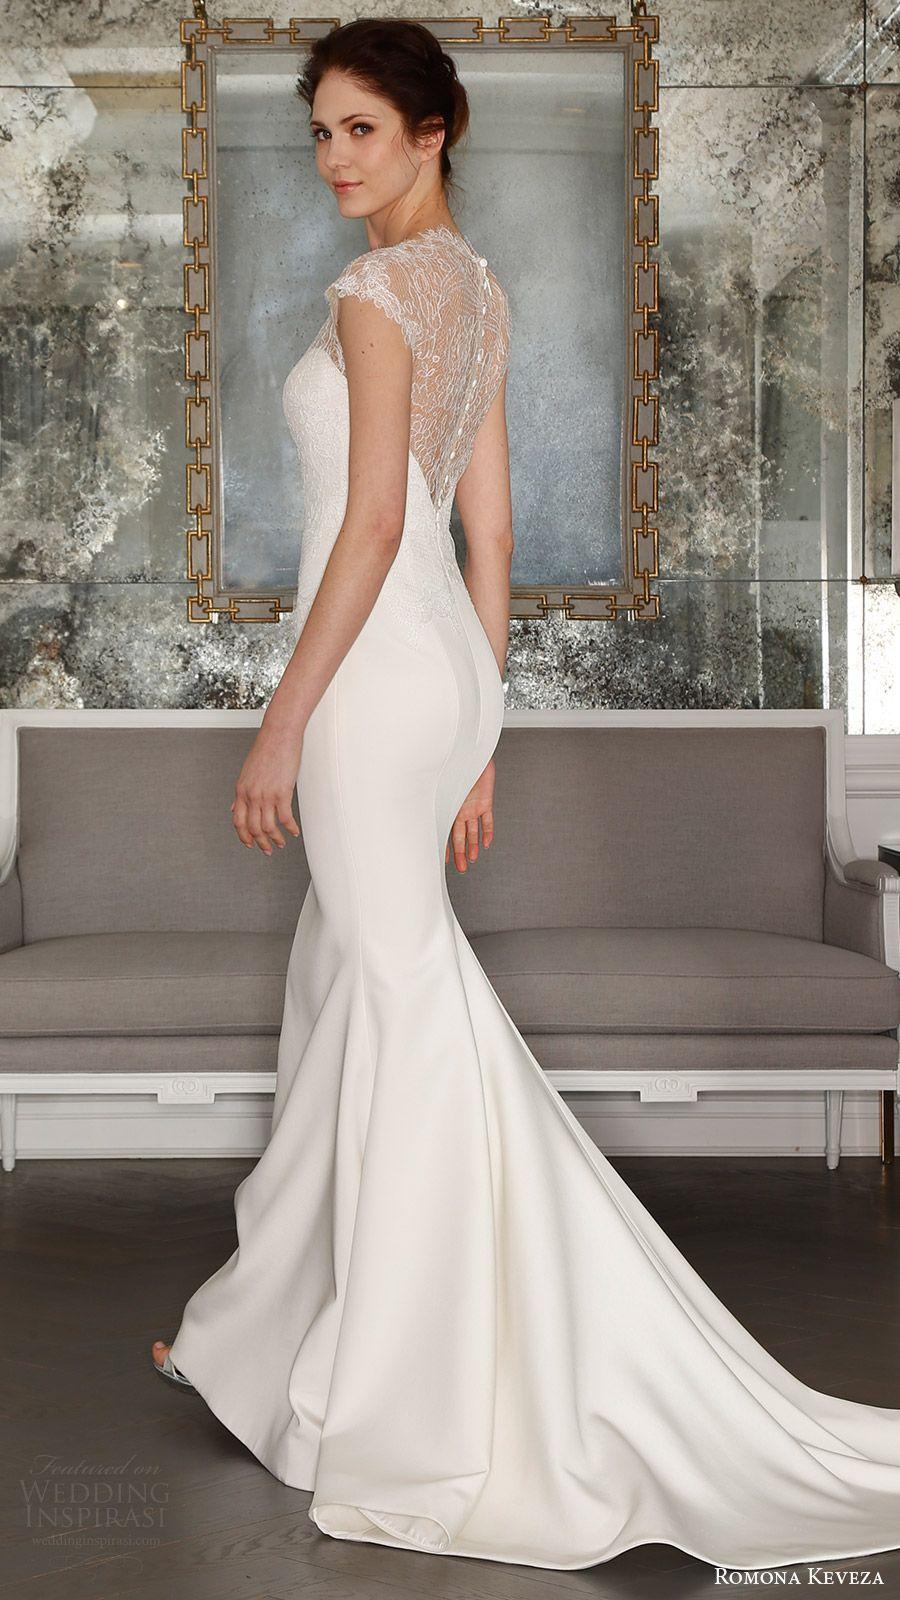 High neck wedding dresses  Romona Keveza Spring  Wedding Dresses u ucOde to Parisud Bridal